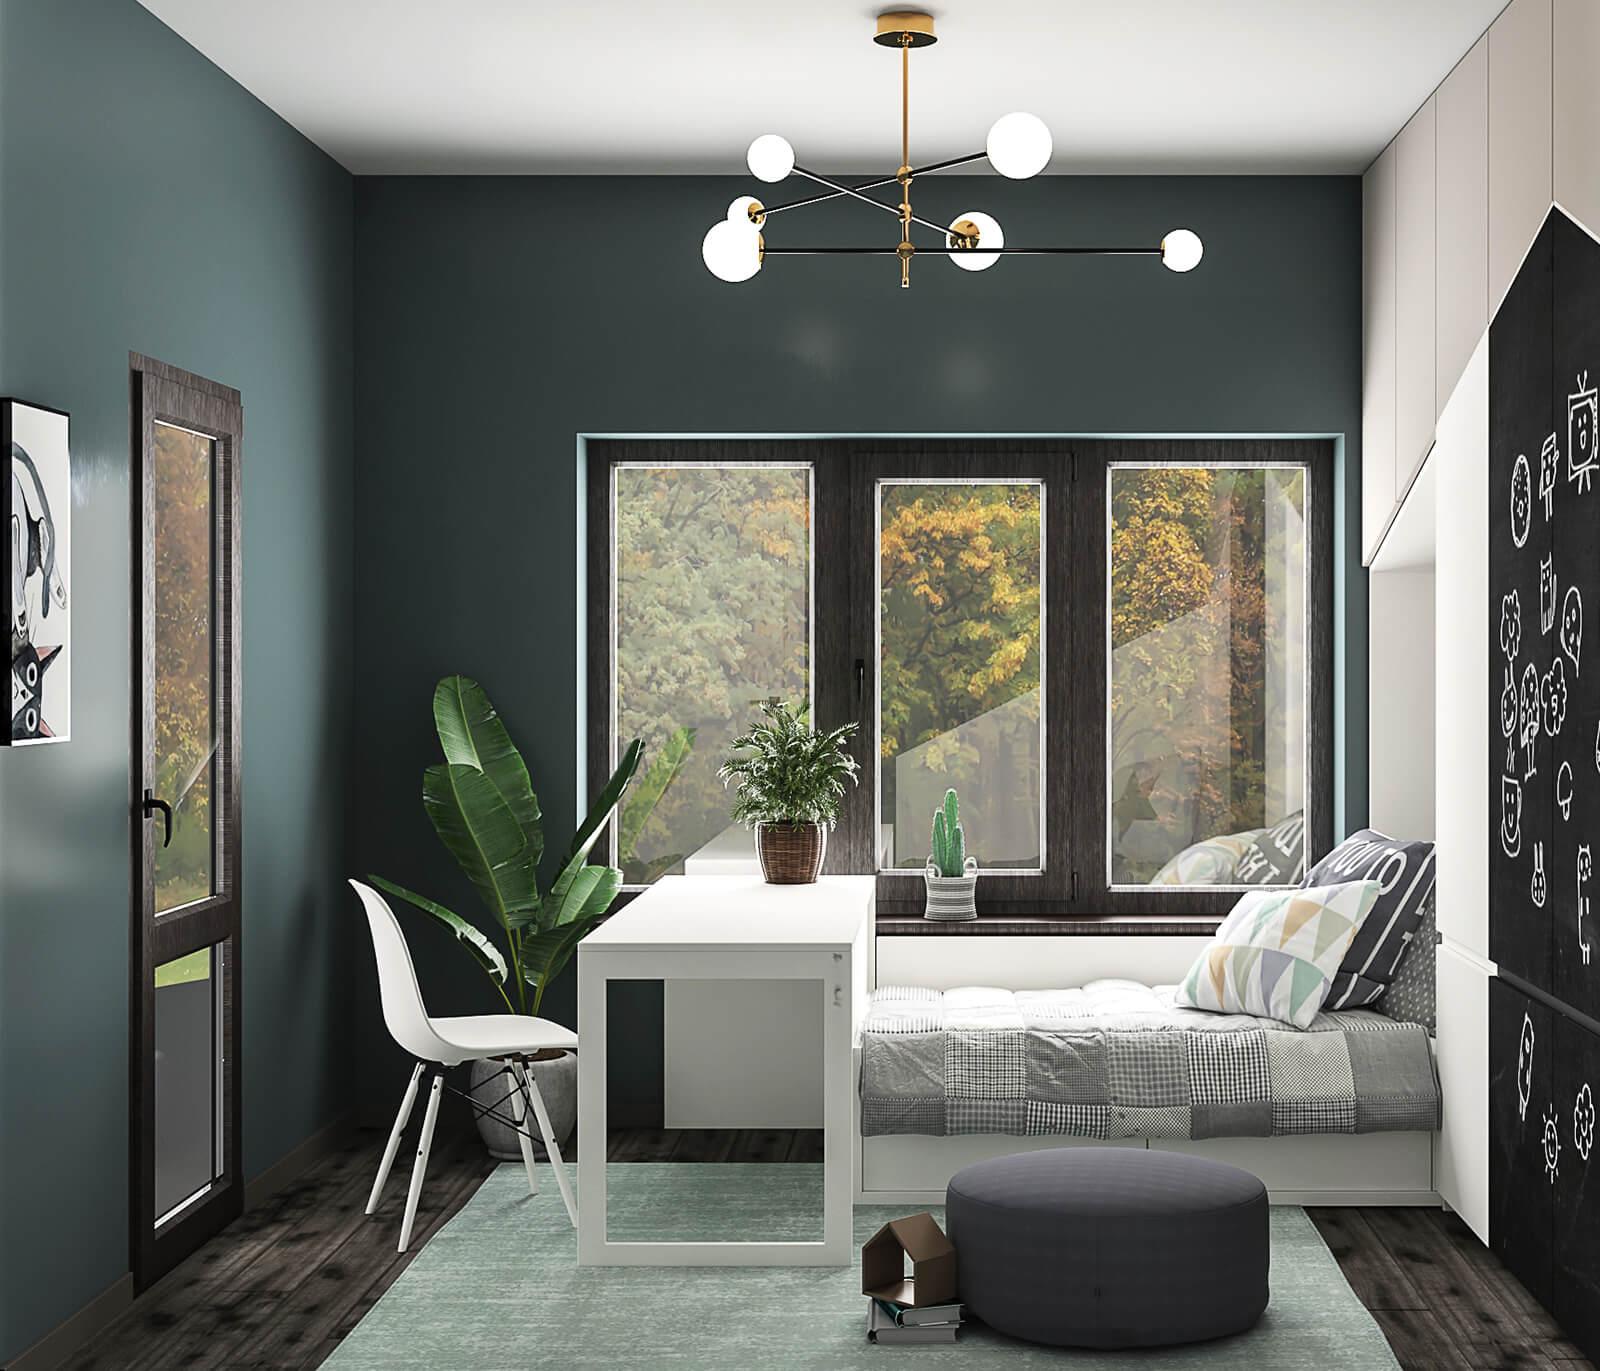 interioren-dizain-proekt-na-detska-staya-albedo-et-II-2